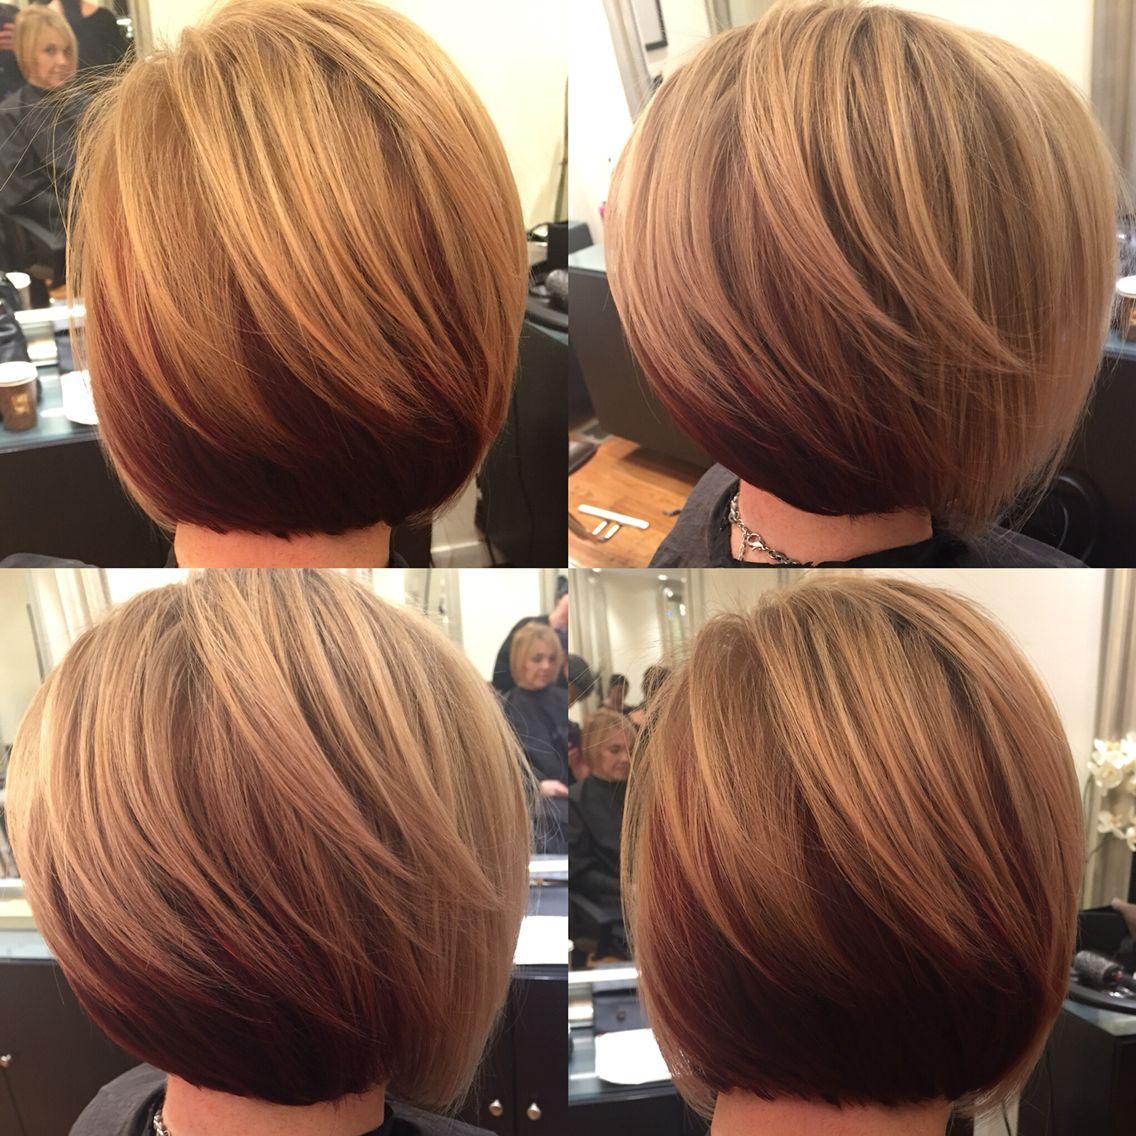 Short slightly stacked bob w highlights on dark blonde base w